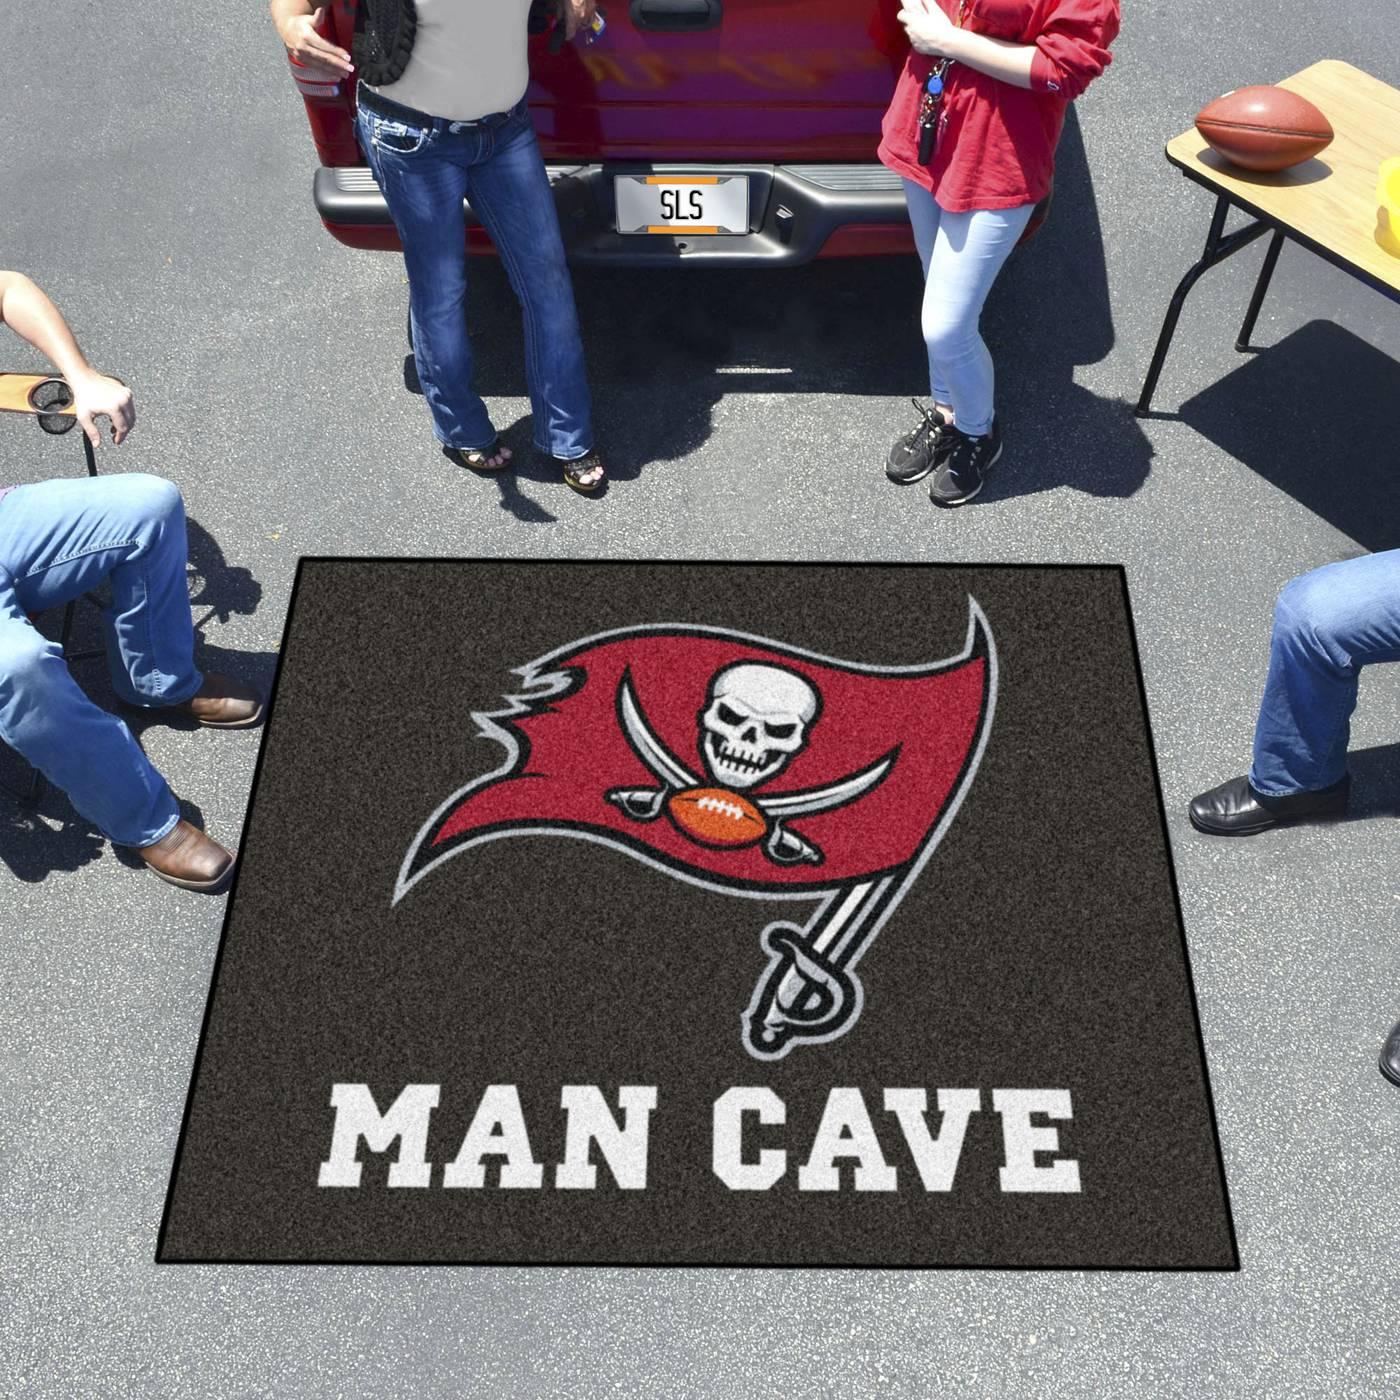 Man Cave Store Tampa : Tampa bay buccaneers man cave tailgate mat